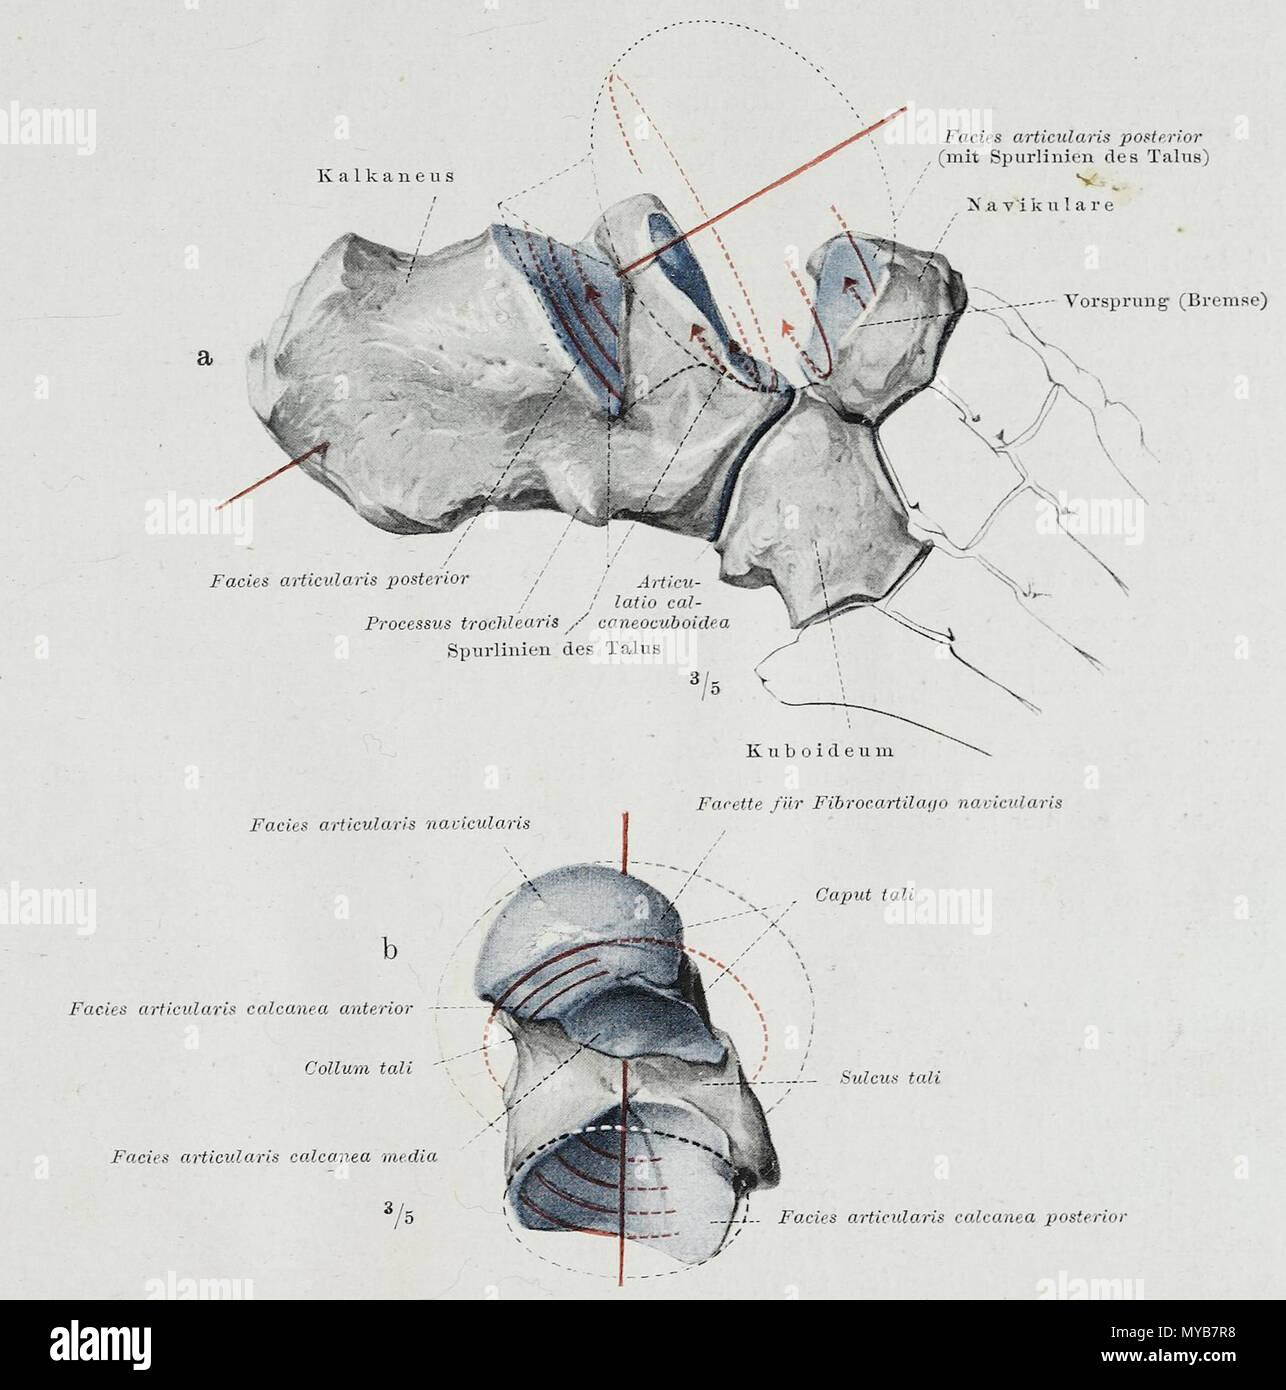 Großartig Anatomie Und Physiologie Terminologie Bilder - Anatomie ...